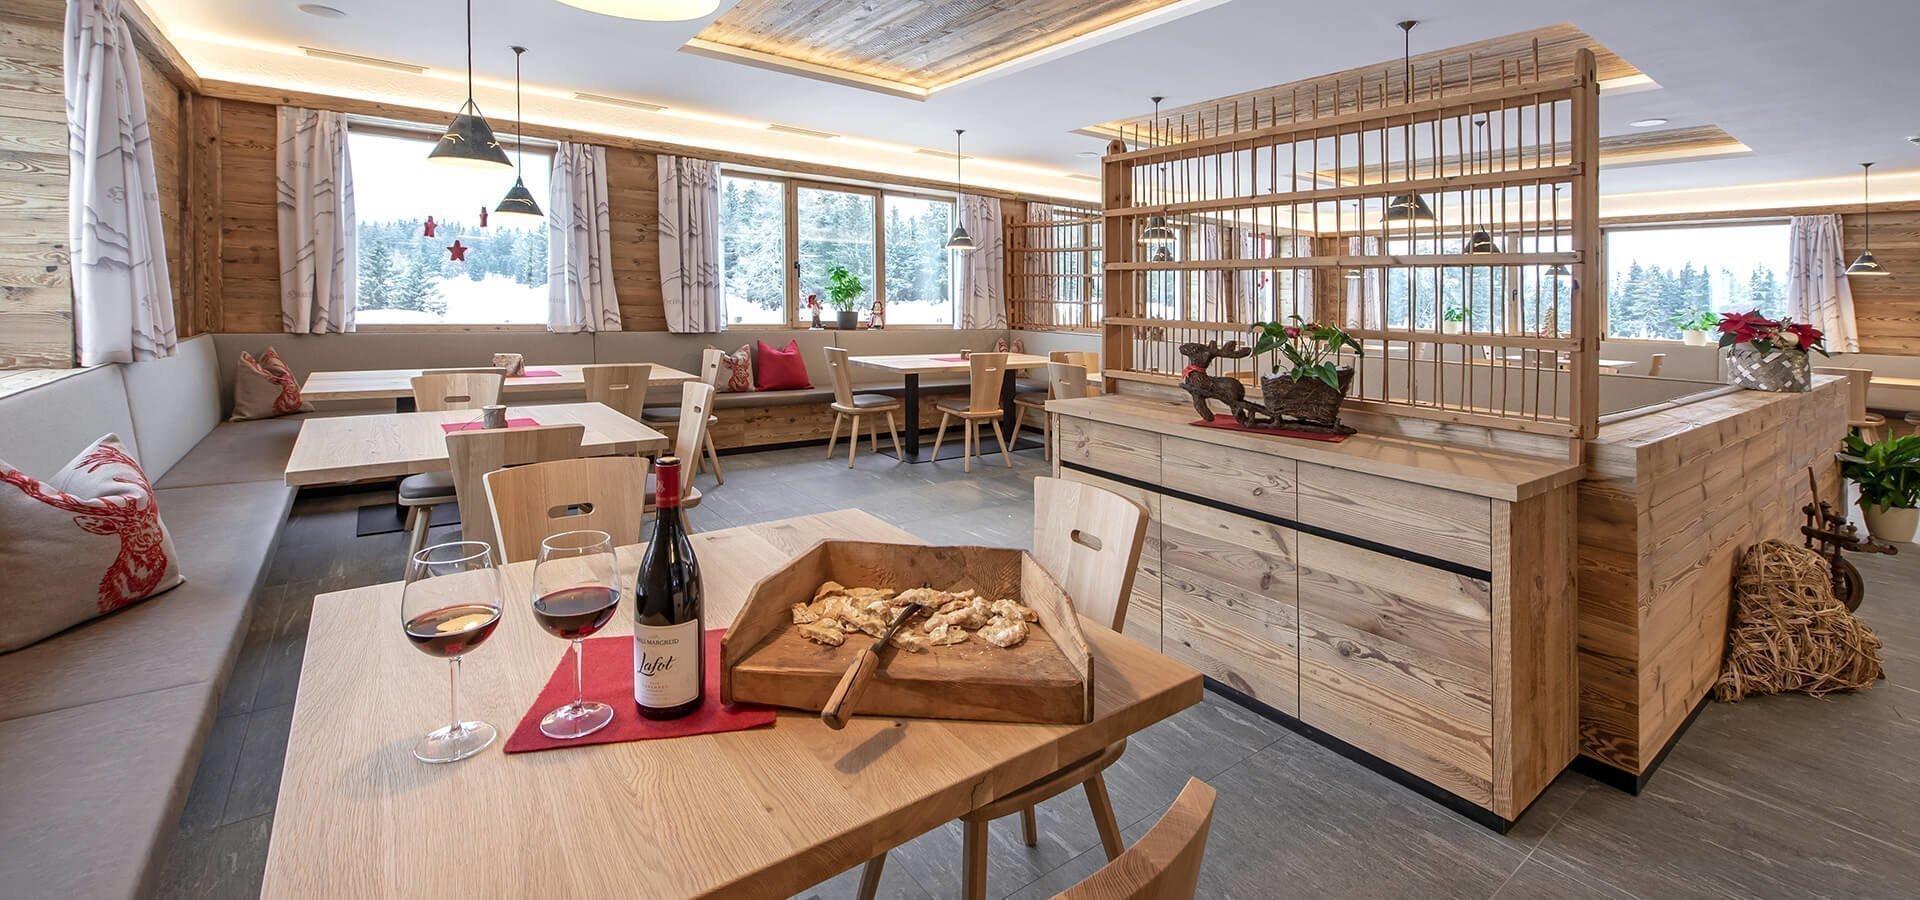 Ihr Alm-Restaurant auf der Rodenecker-Lüsner Alm – Zu Gast bei Alex Widmann